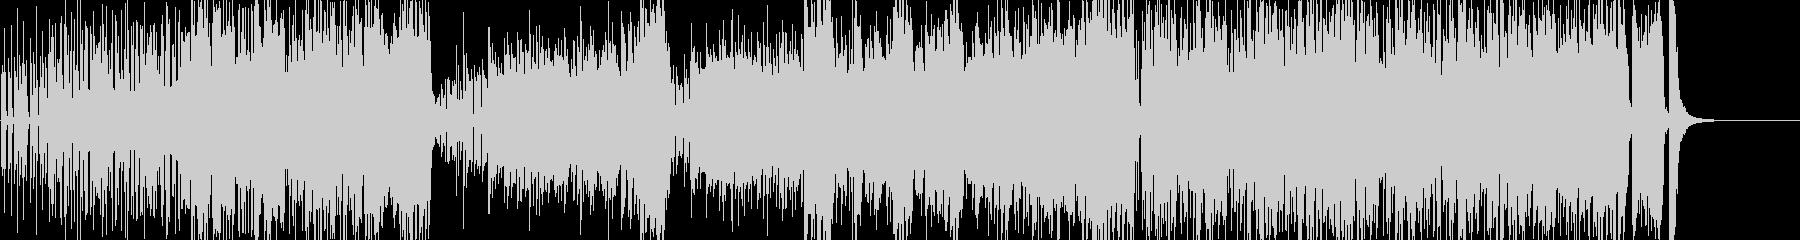 ノリノリなジャズの未再生の波形